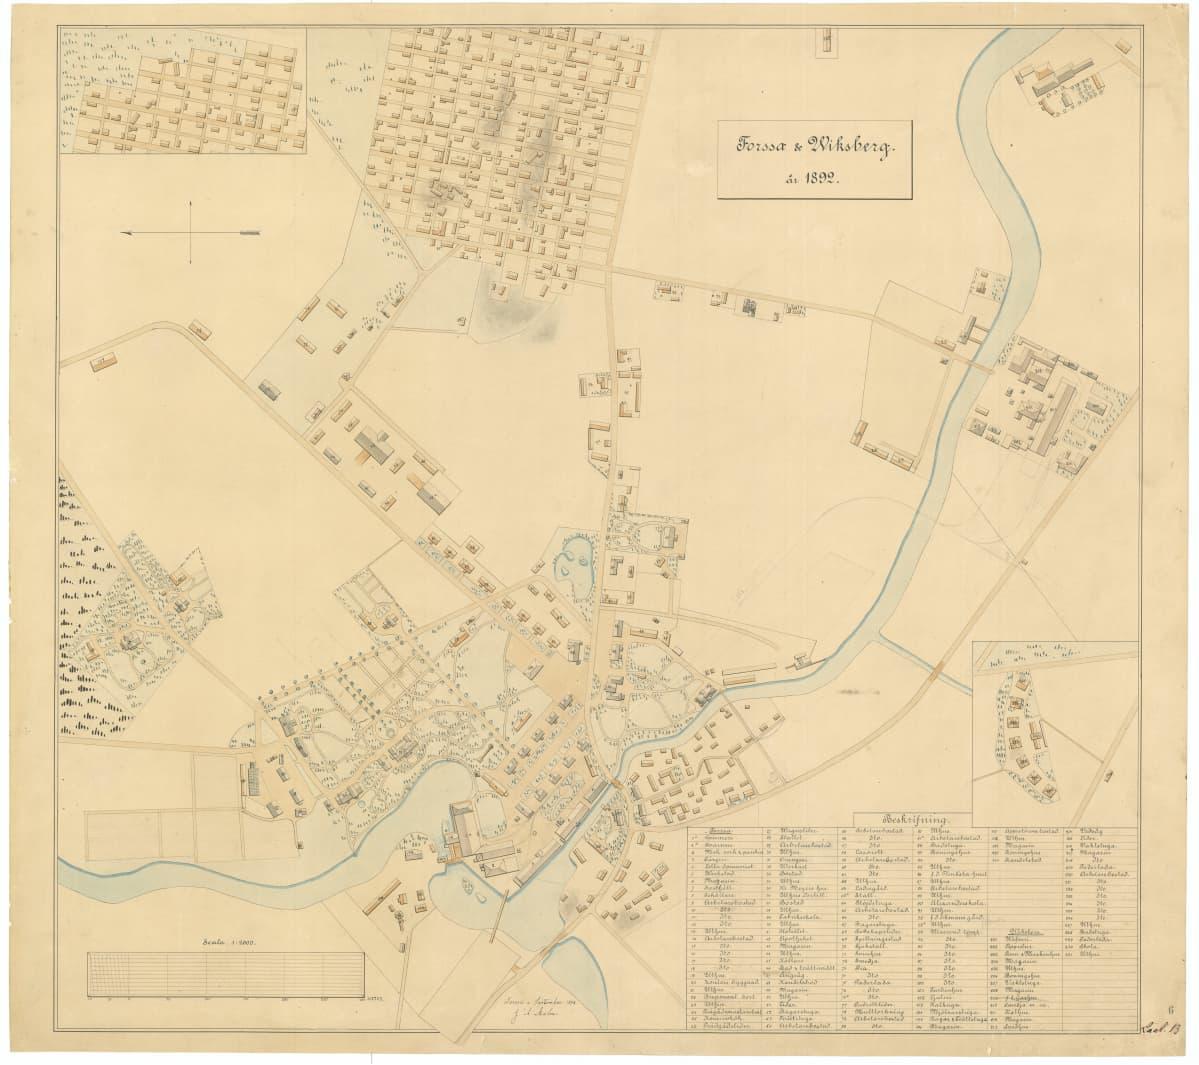 Kartta Forssasta 1890-luvulla.